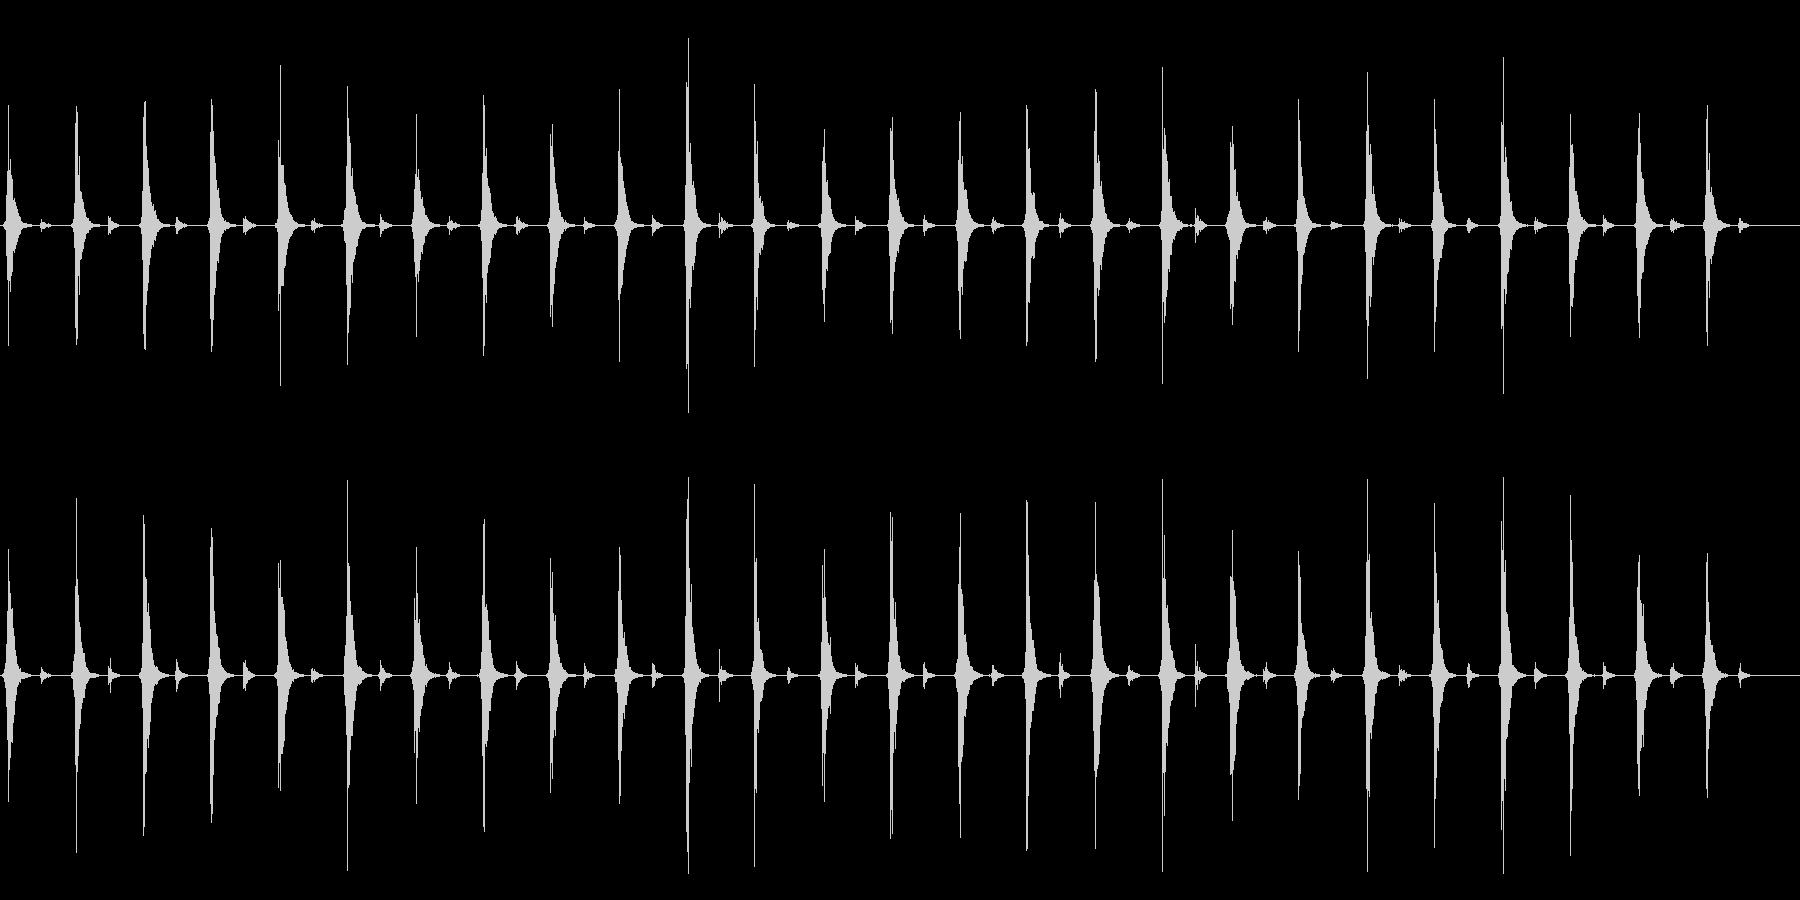 時計 秒針のリアルな効果音01(長め)の未再生の波形